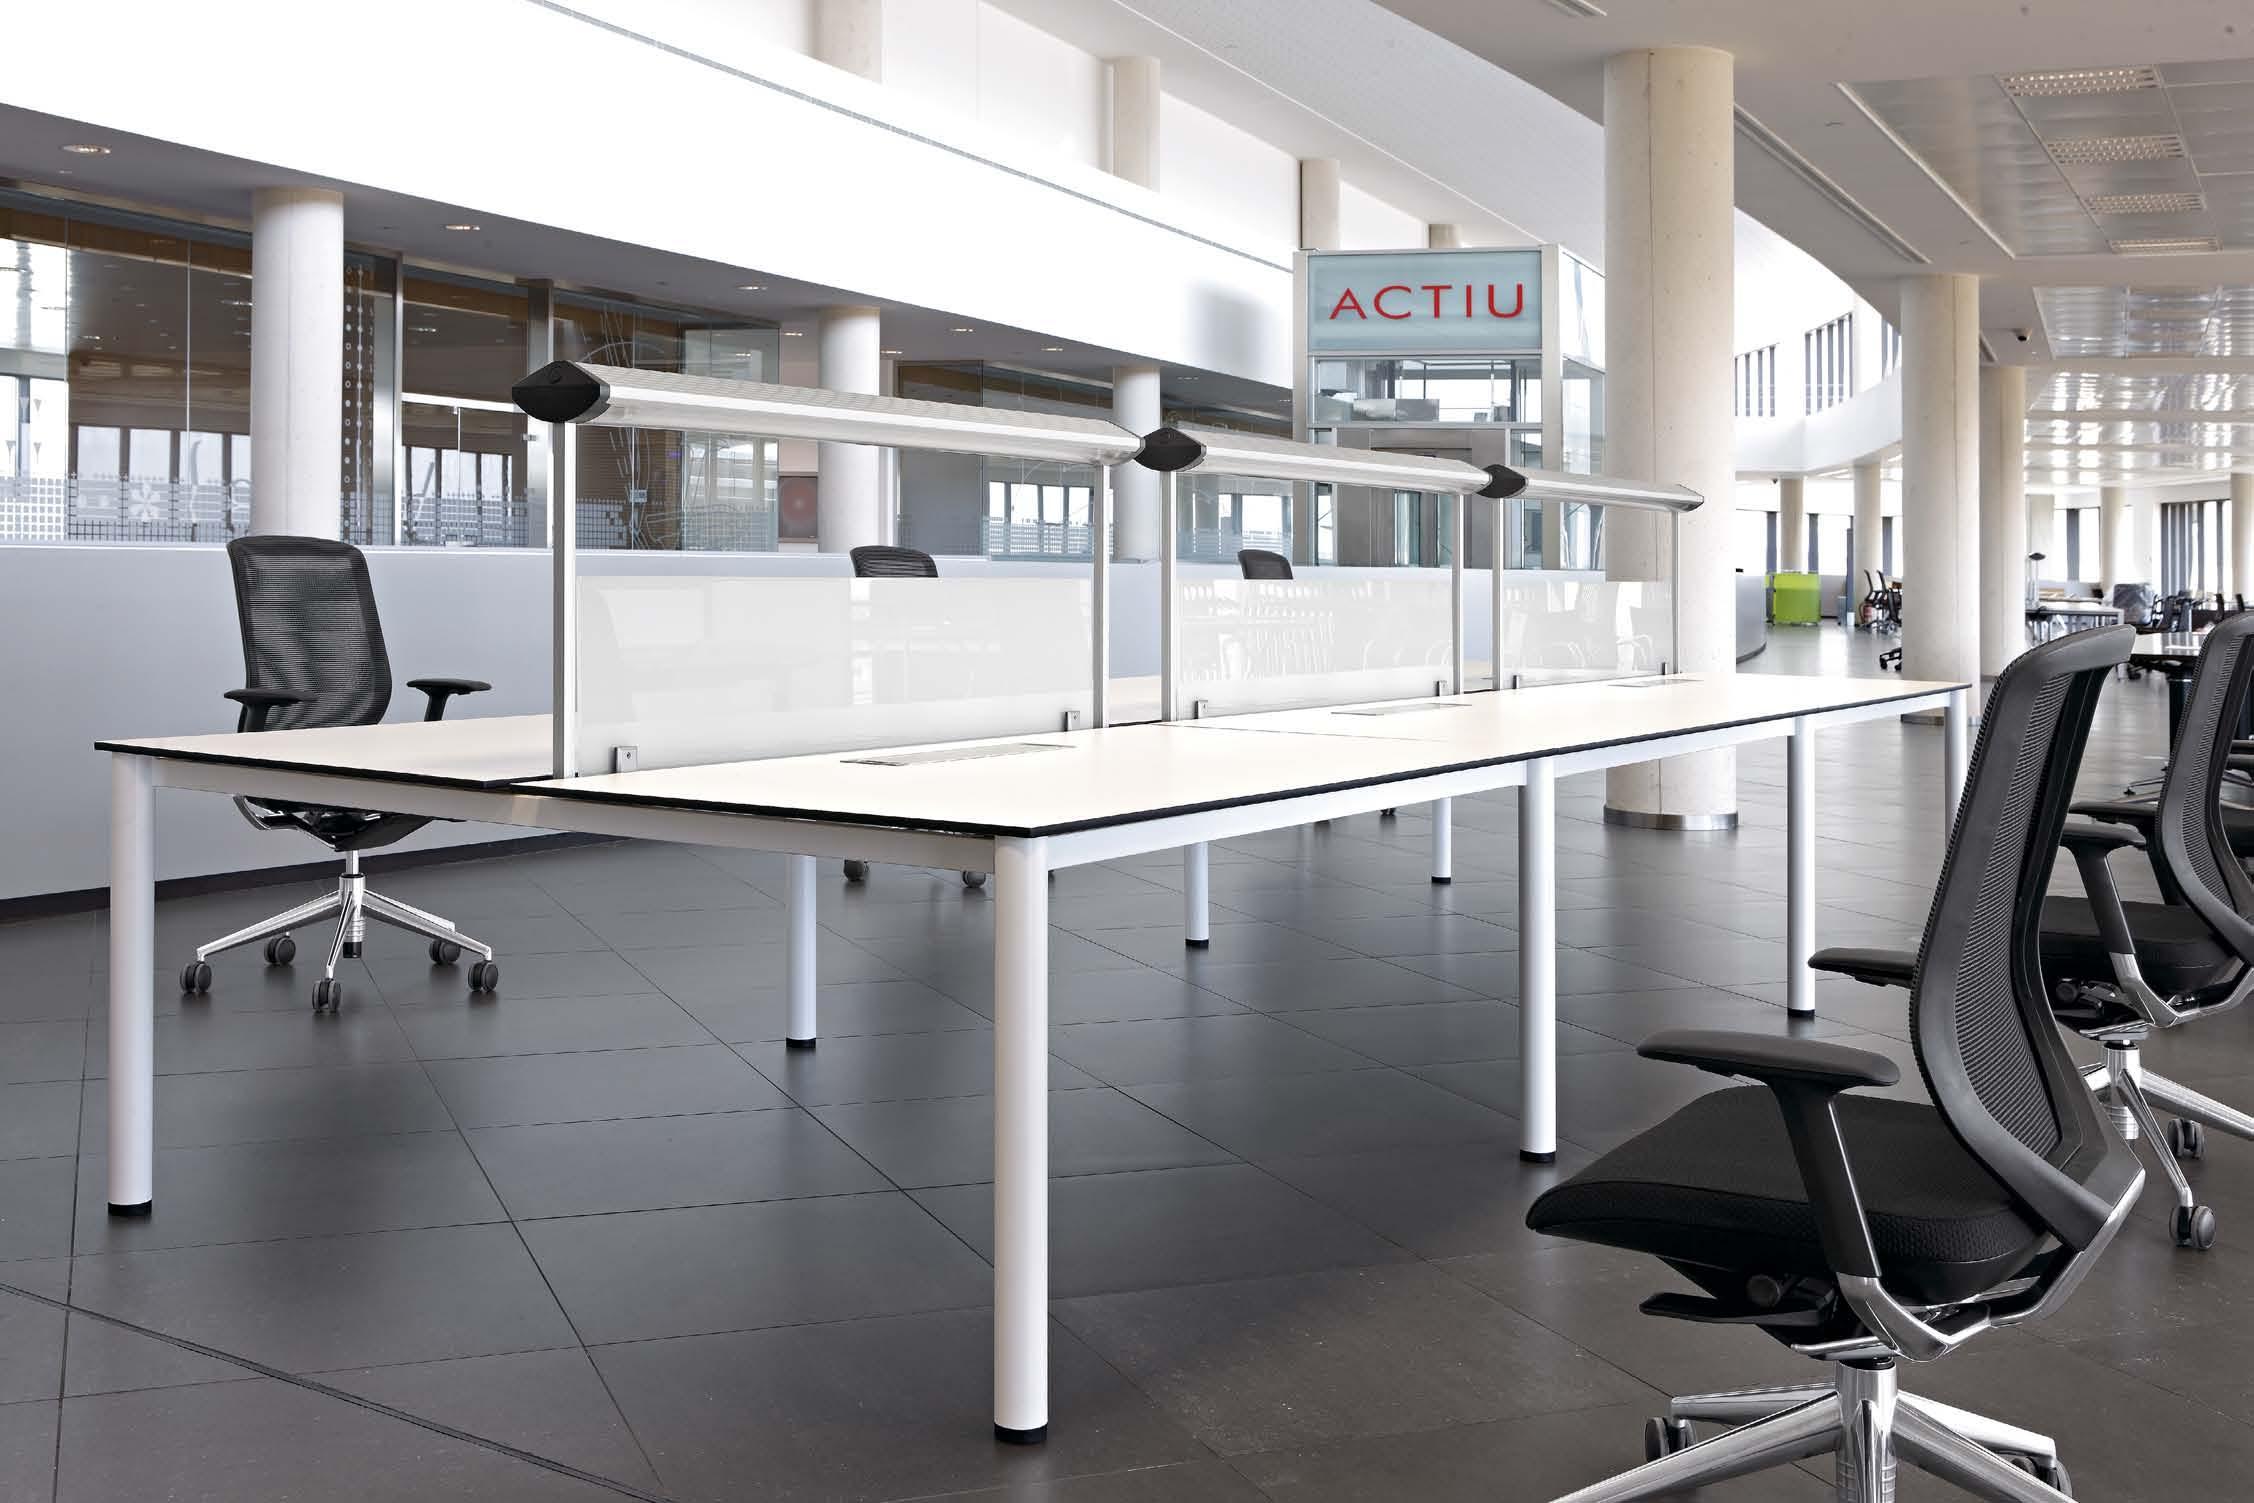 Büromöbel preiswert und schnell - Actiu COOL E100